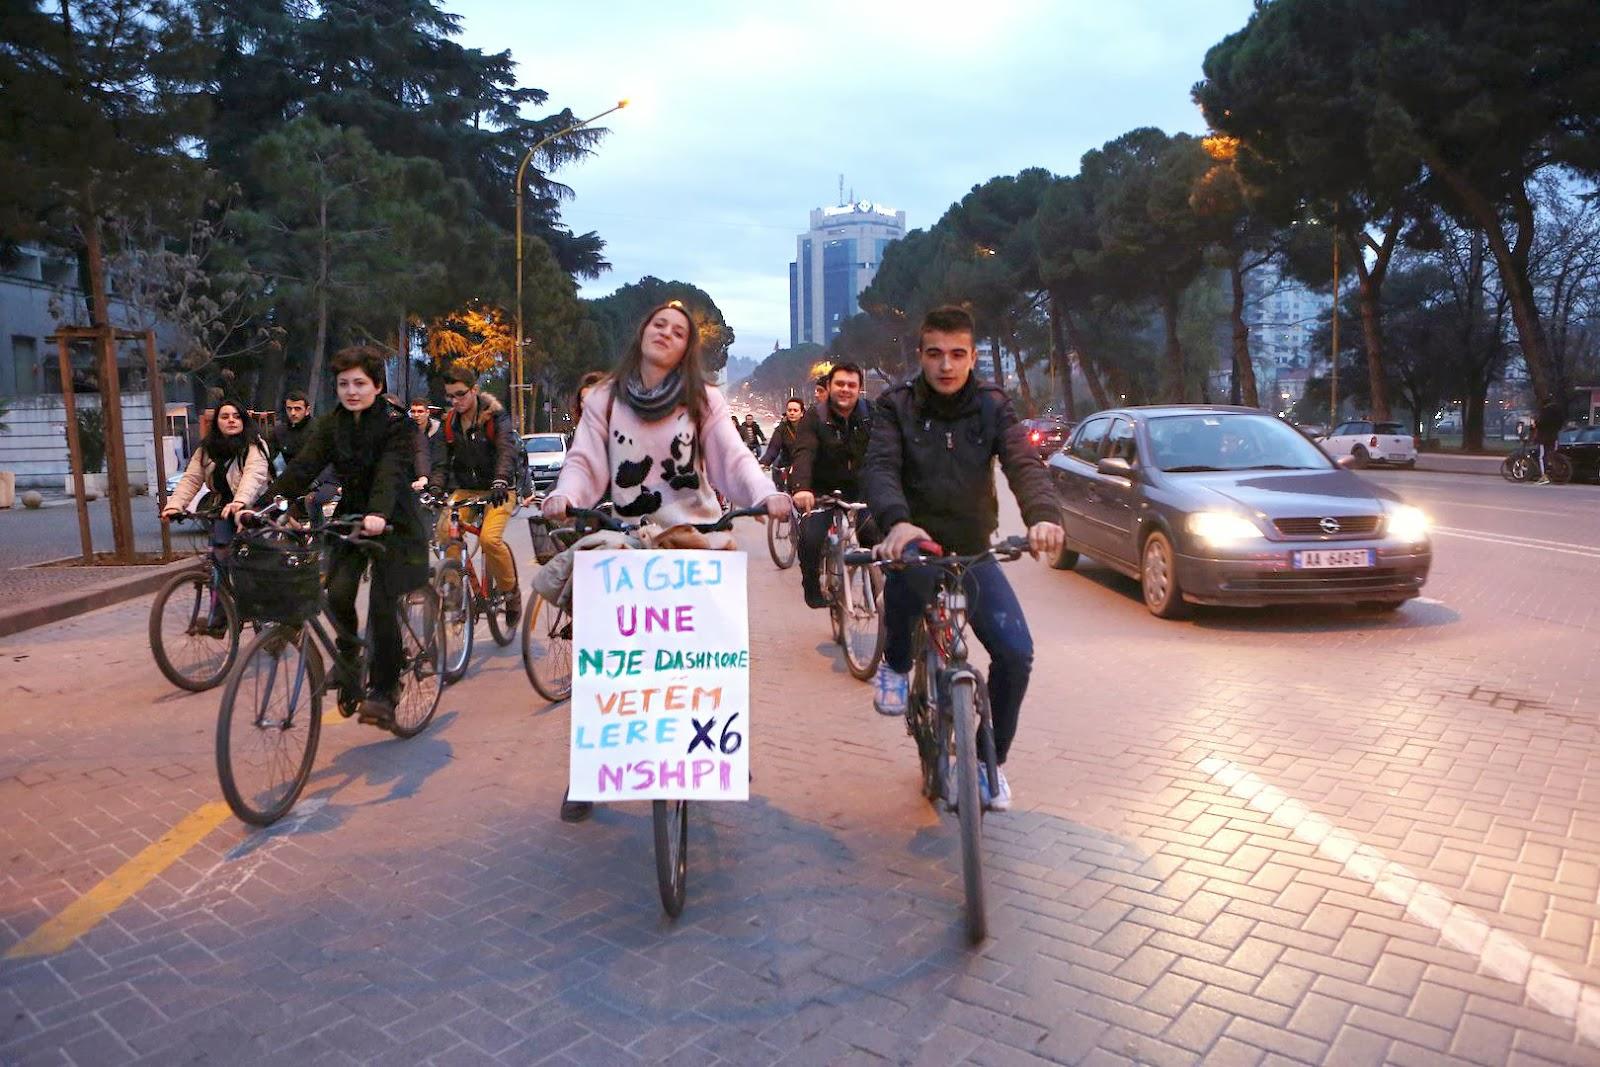 Campagna chok in Albania : Ti trovo la fidanzata se lasci il fuoristrada a casa